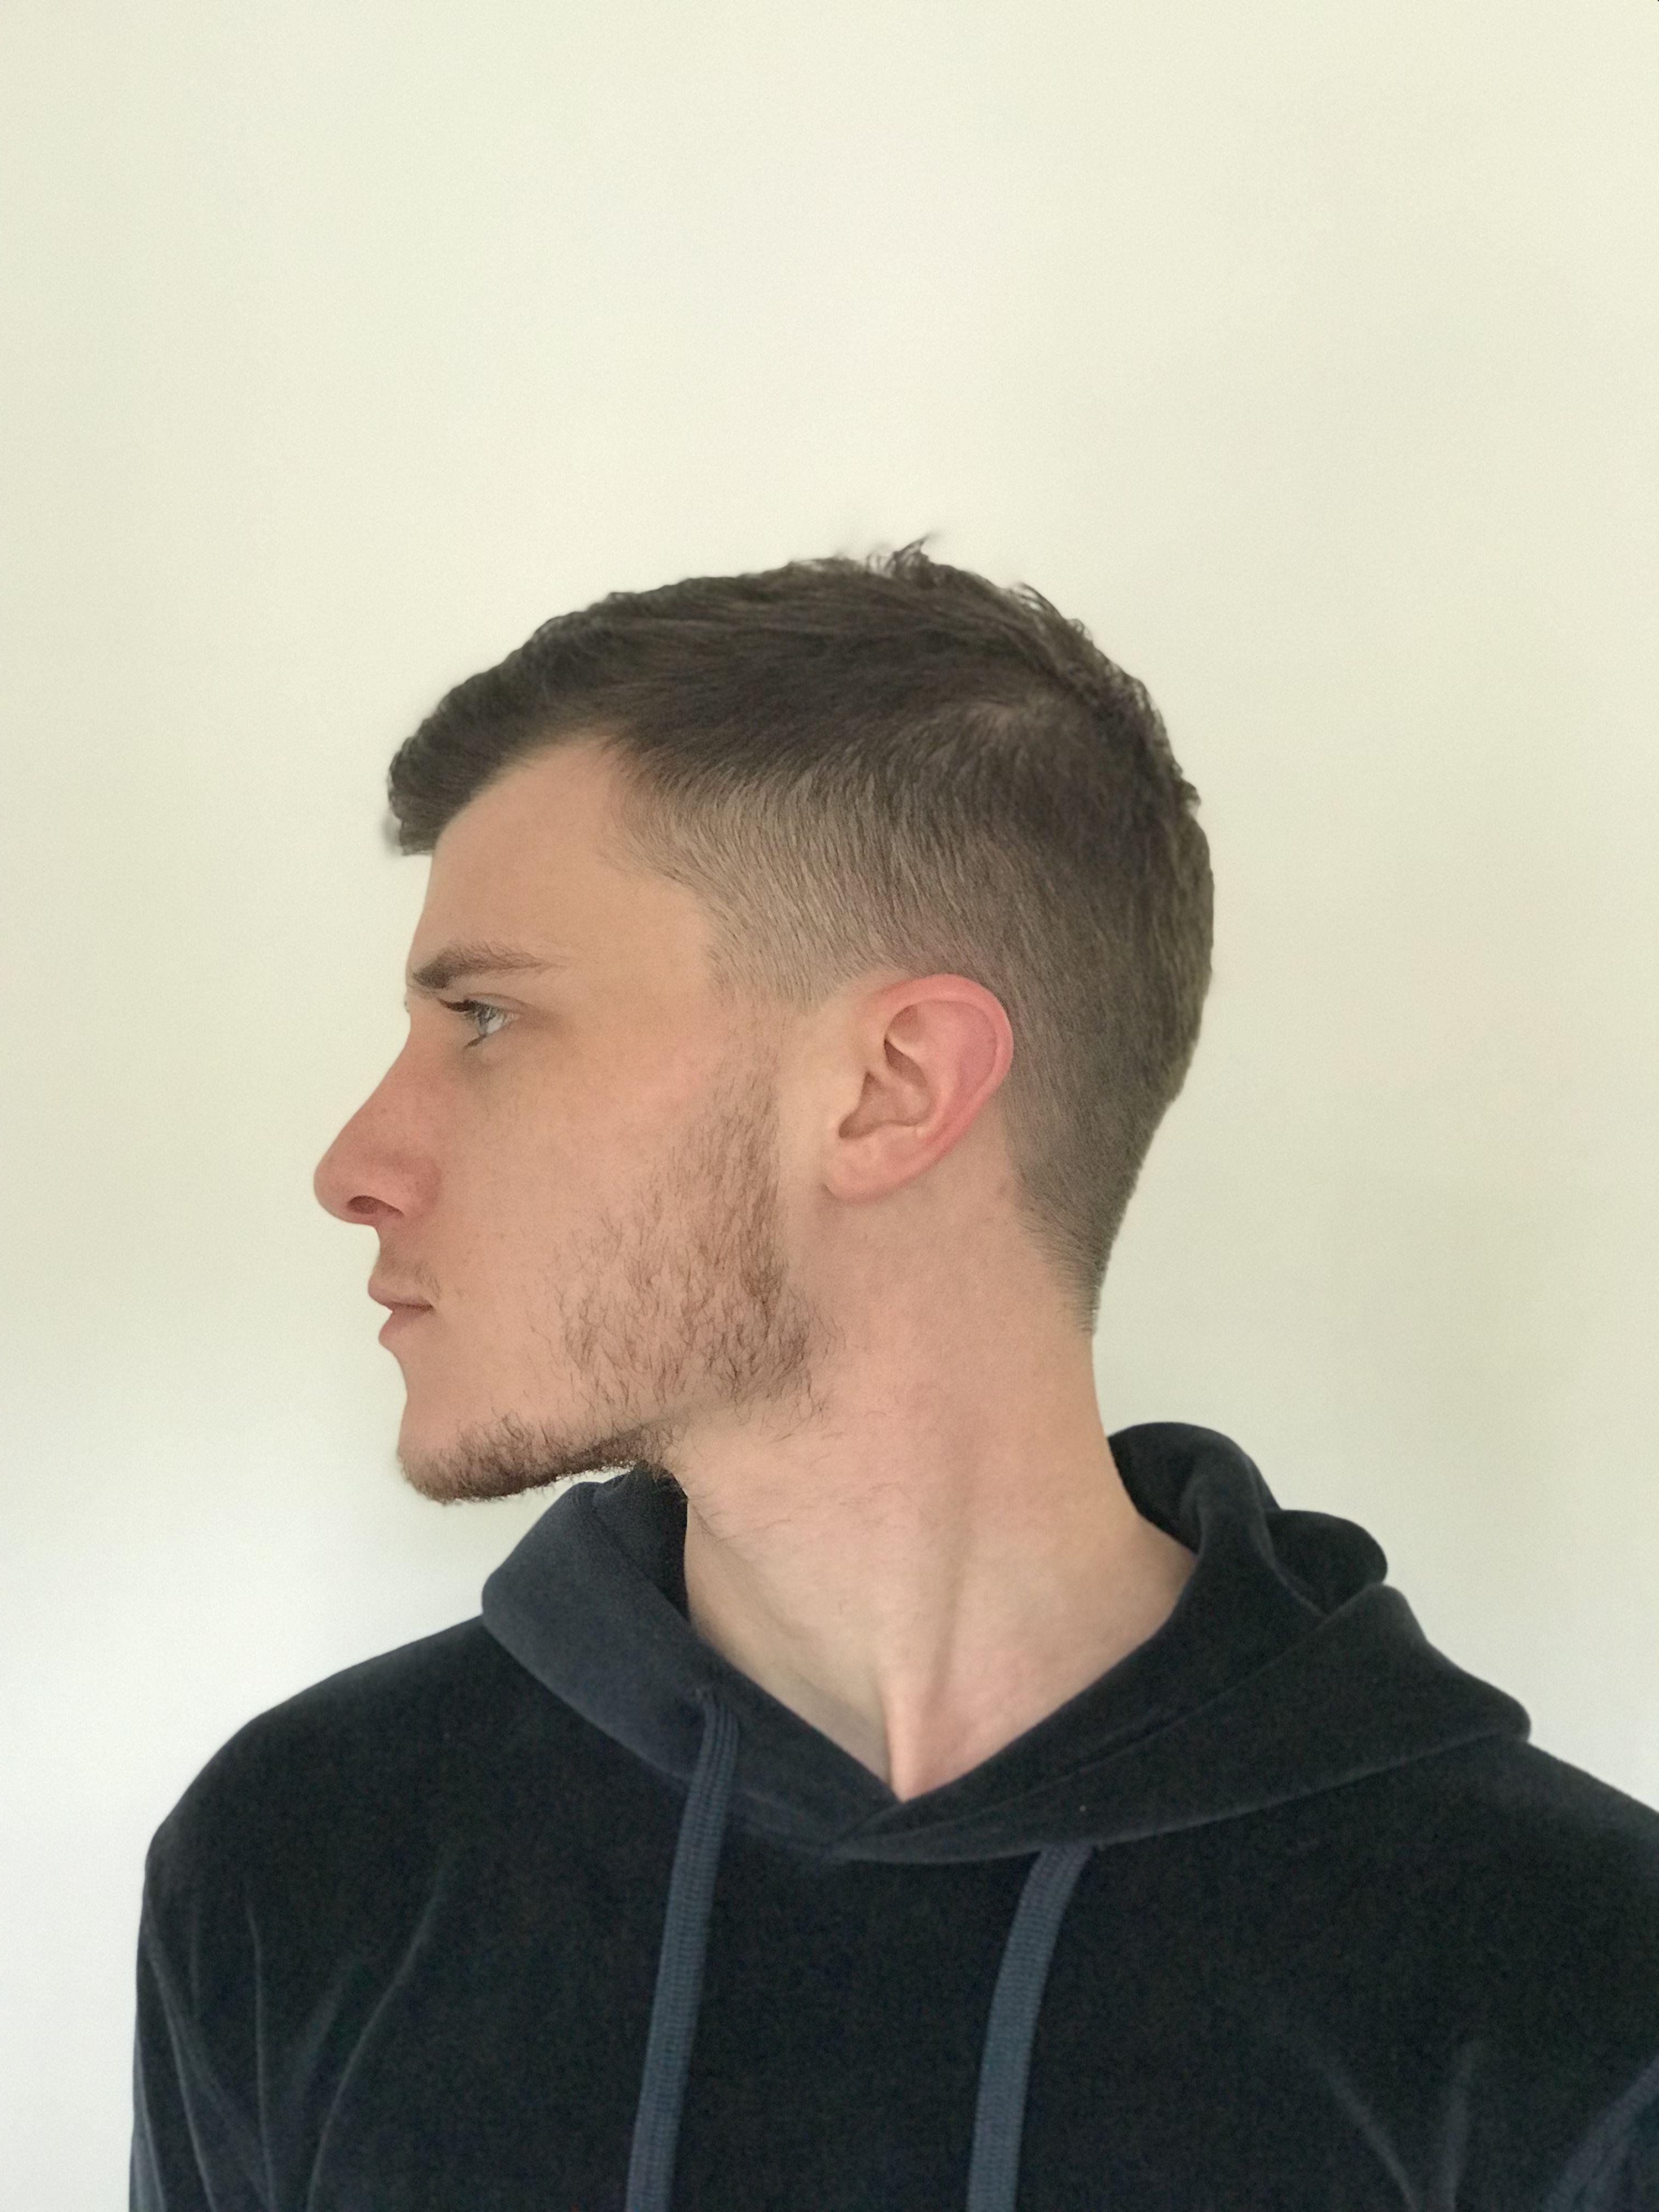 Pin by phillip rosado on menus haircuts pinterest hair cuts